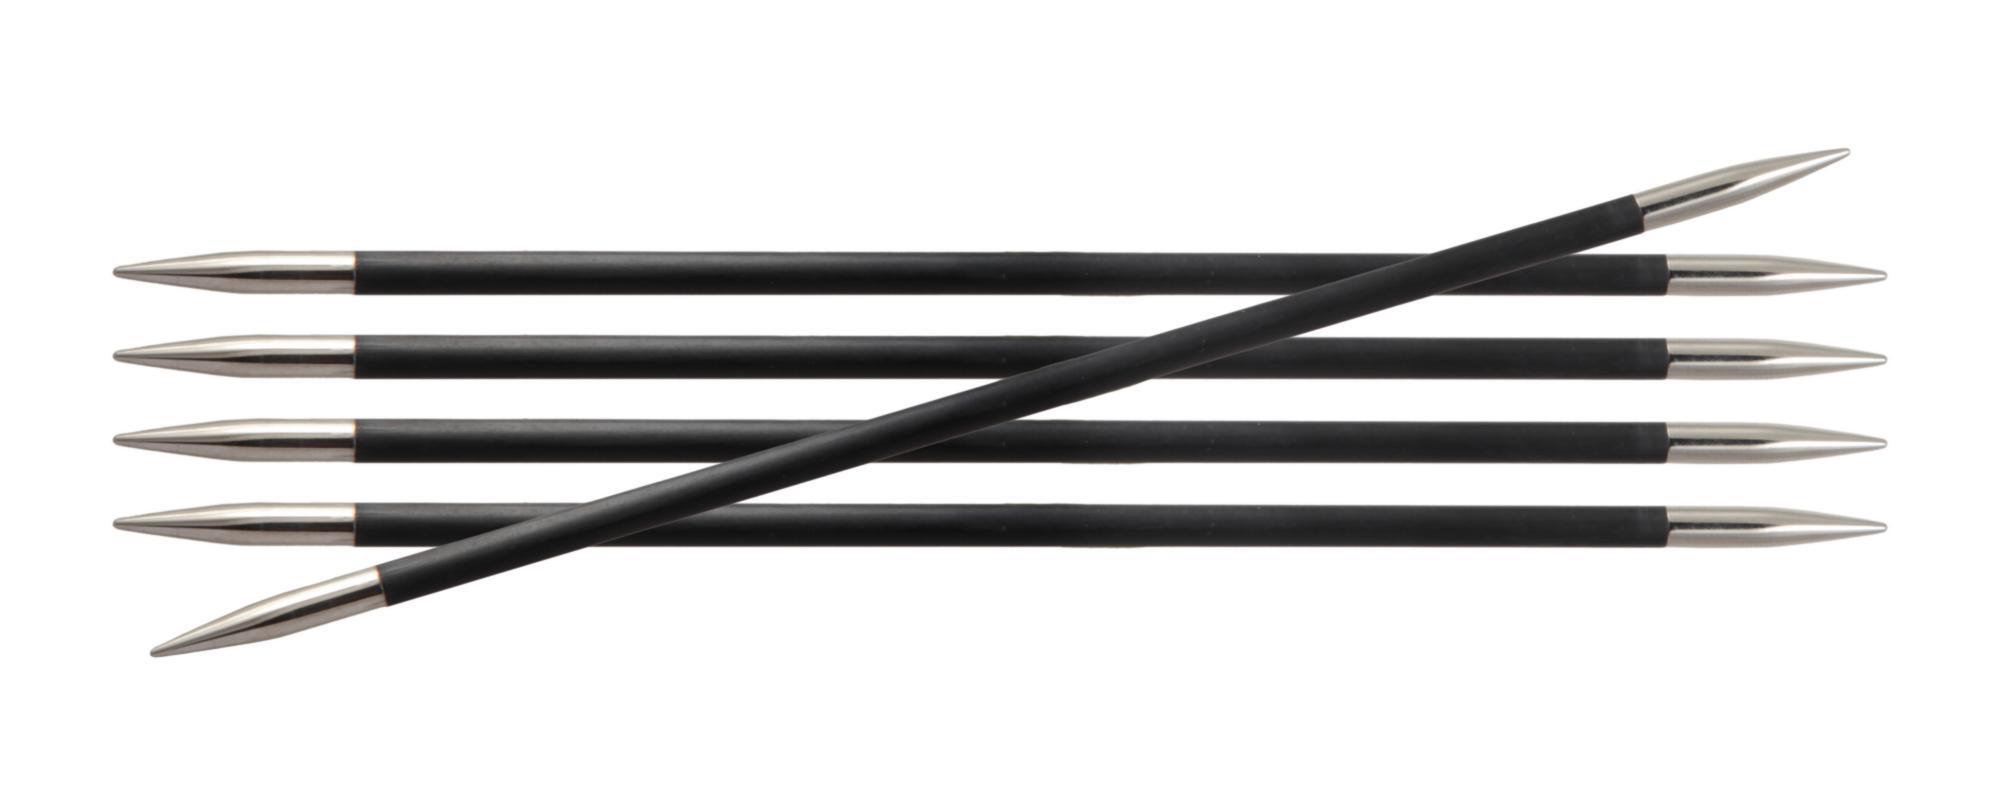 Спицы носочные 15 см Karbonz KnitPro, 41117, 6.00 мм